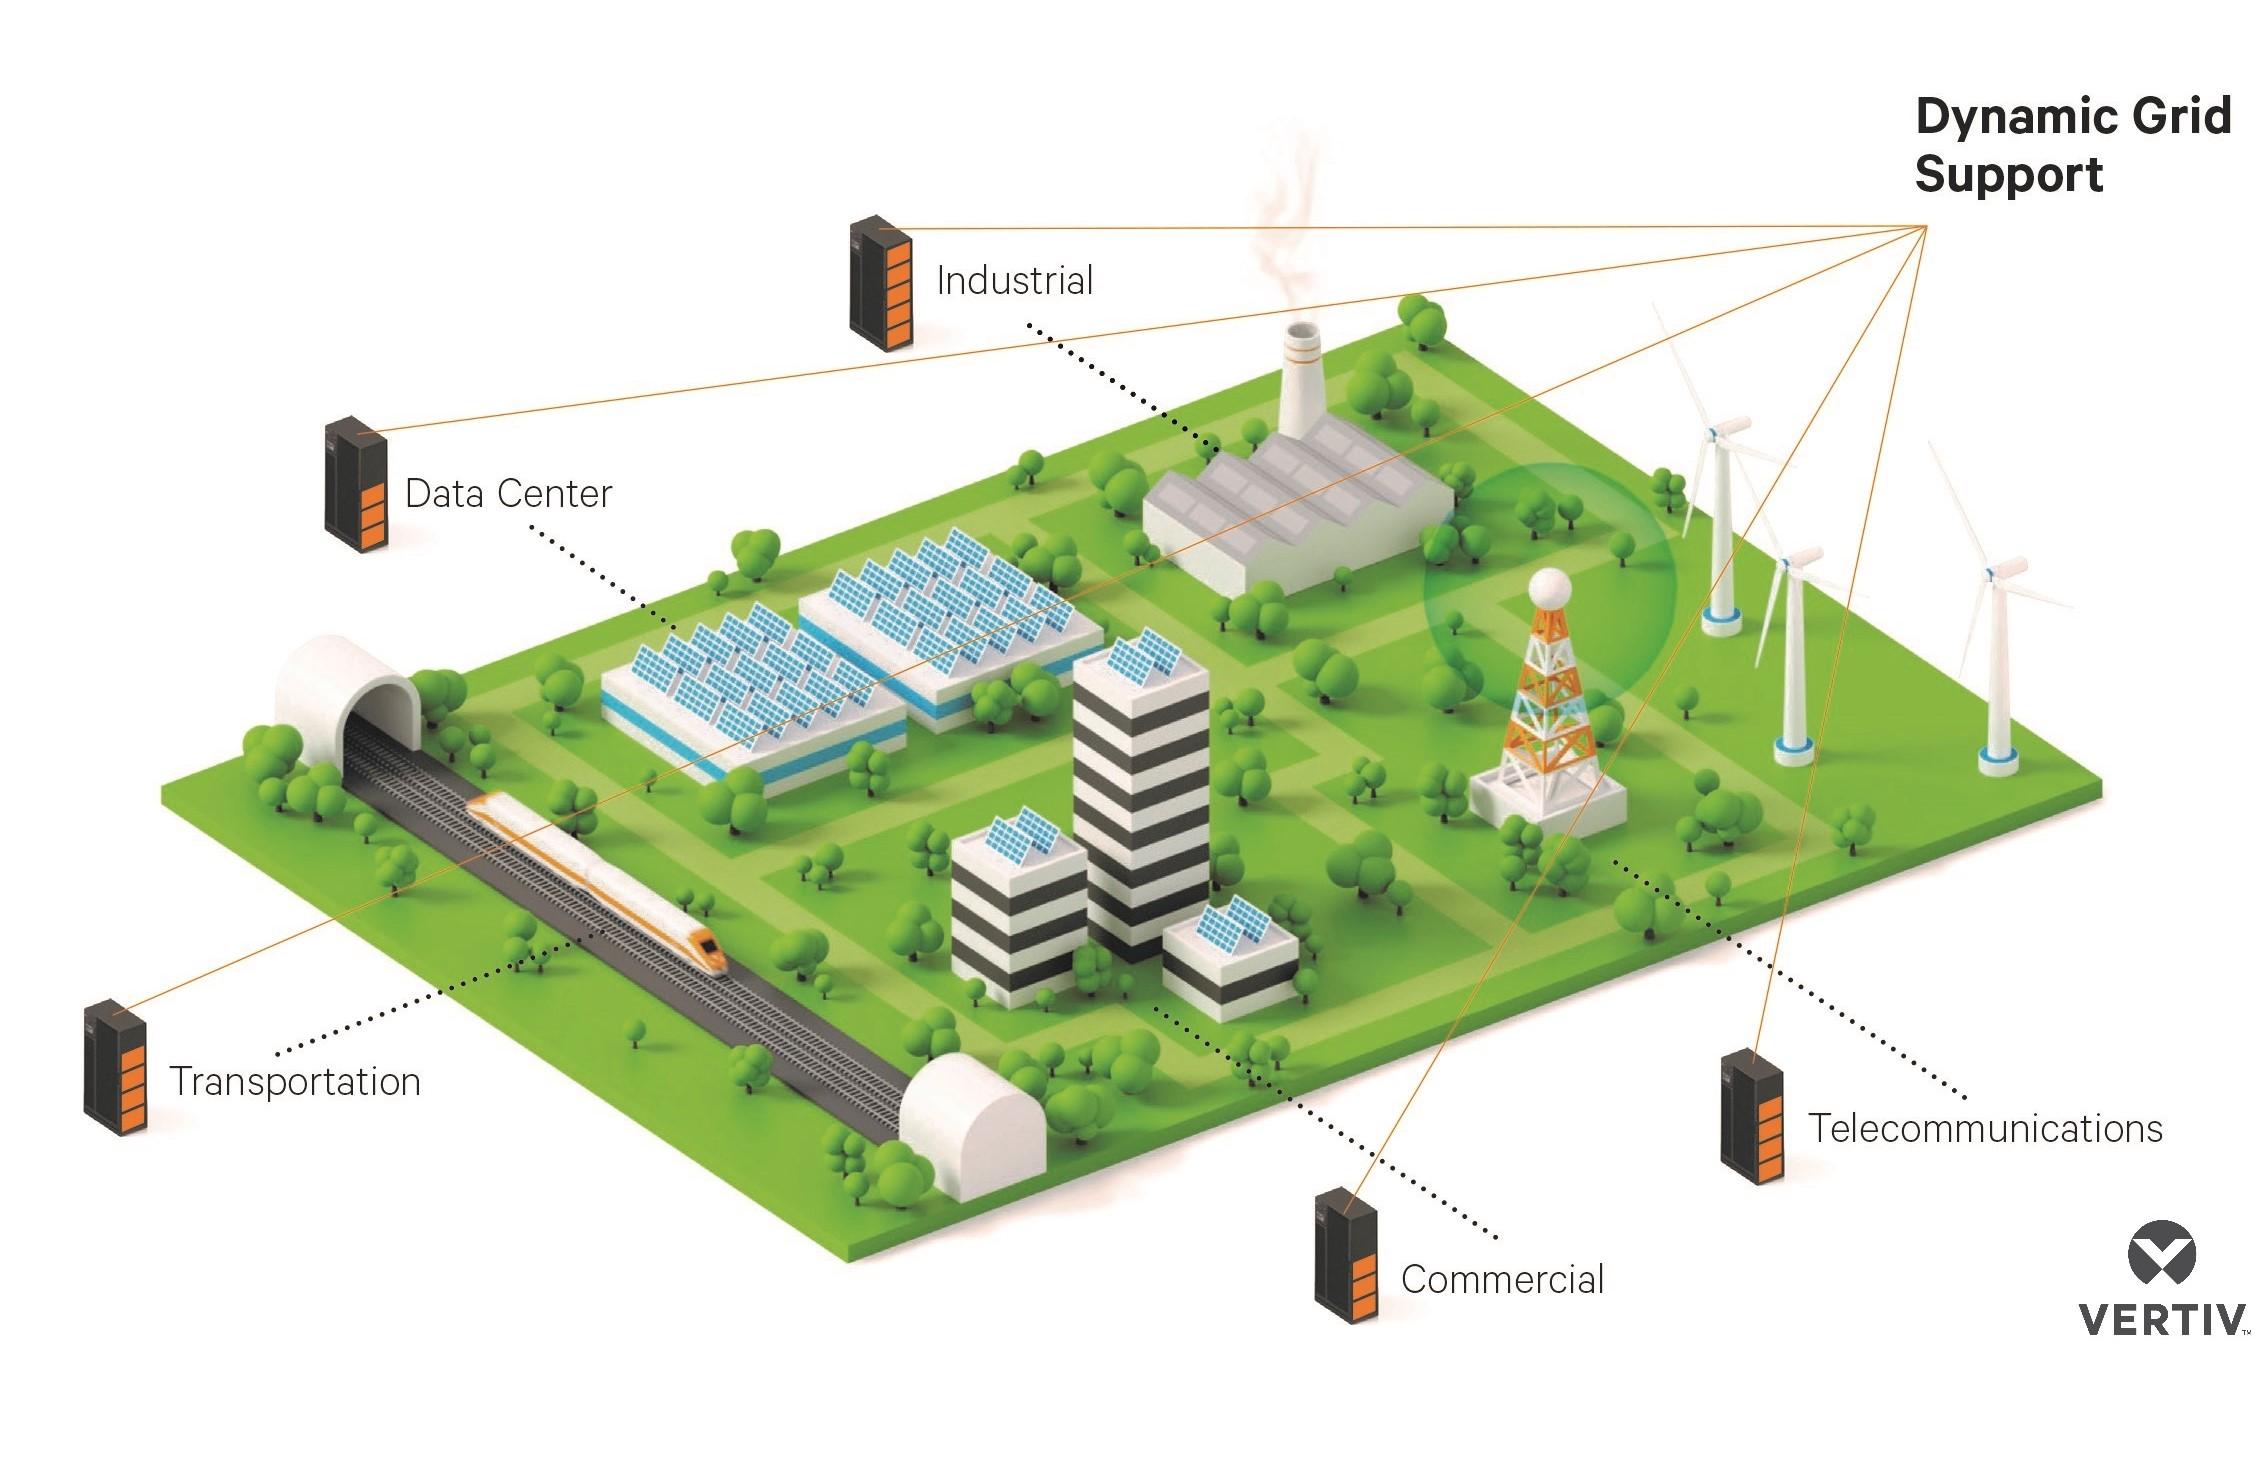 Prima soluție energetică Vertiv de tip single-vendor, care susține flexibilitatea rețelei, stabilitatea alimentării și gestionarea cererii